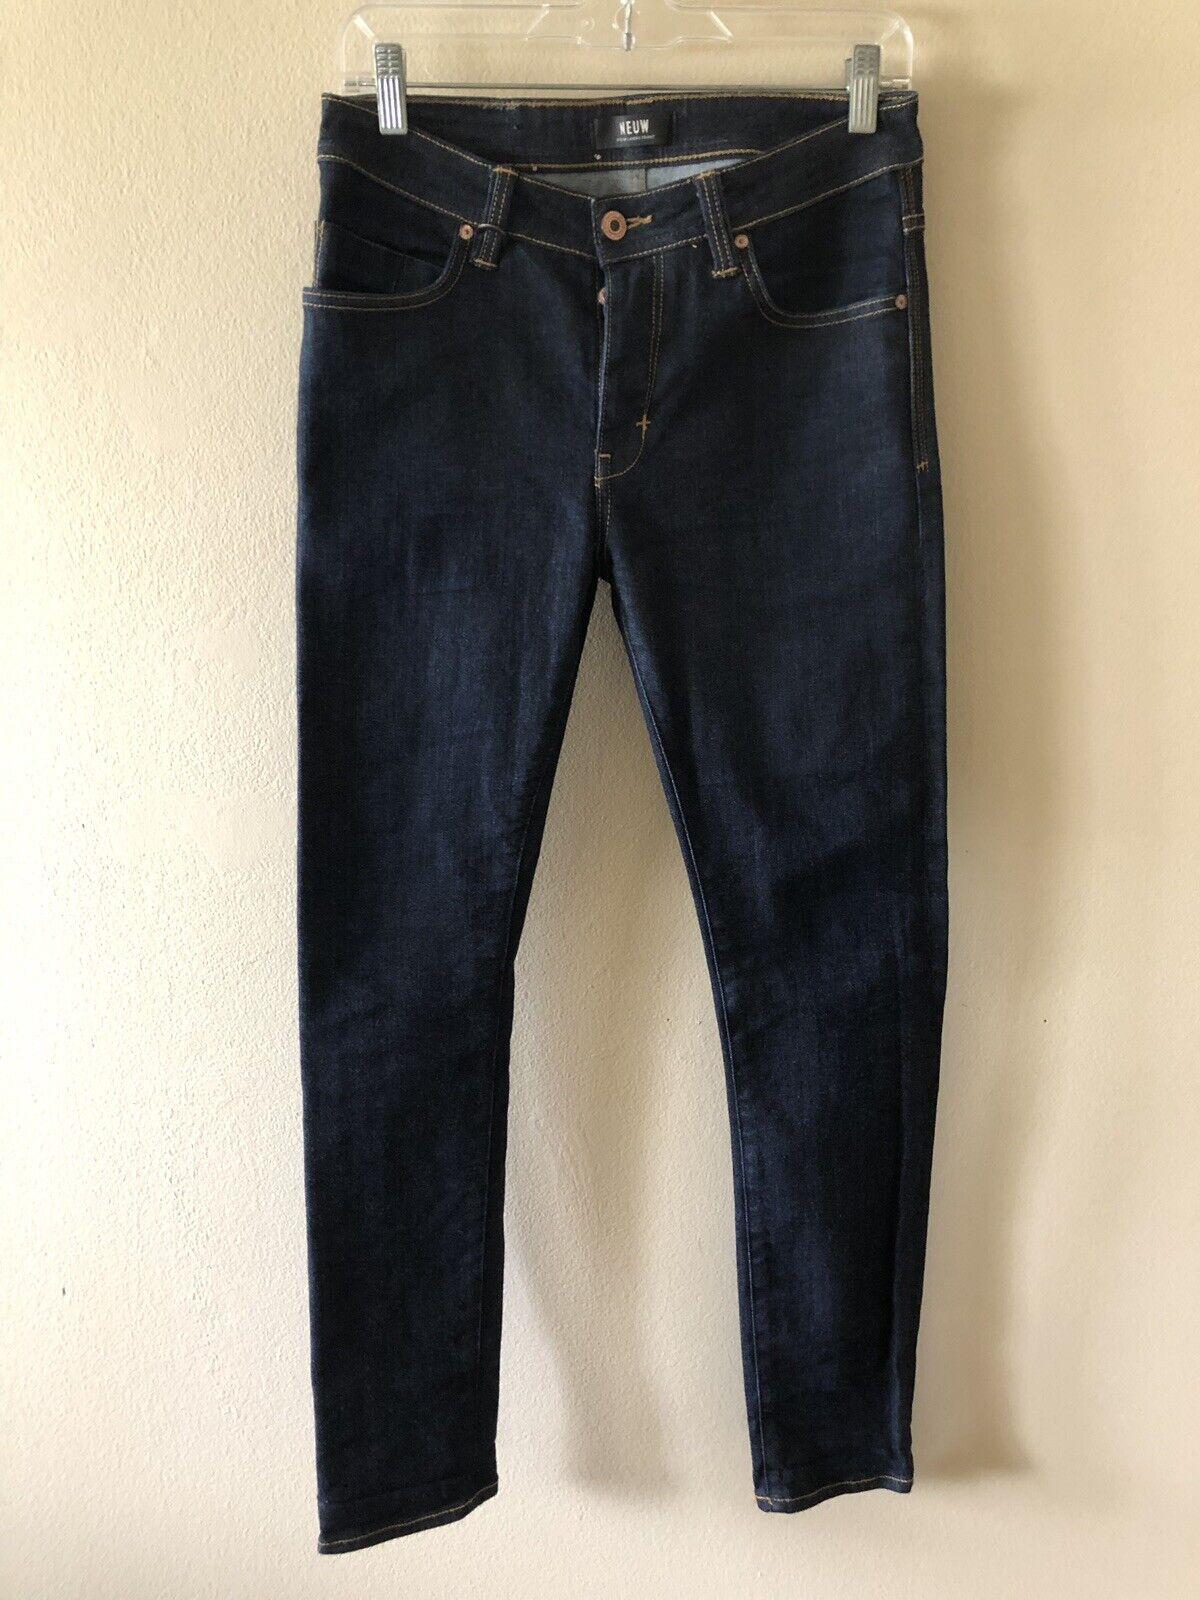 Mens NEUW Iggy Skinny Jeans Size 28 x 31